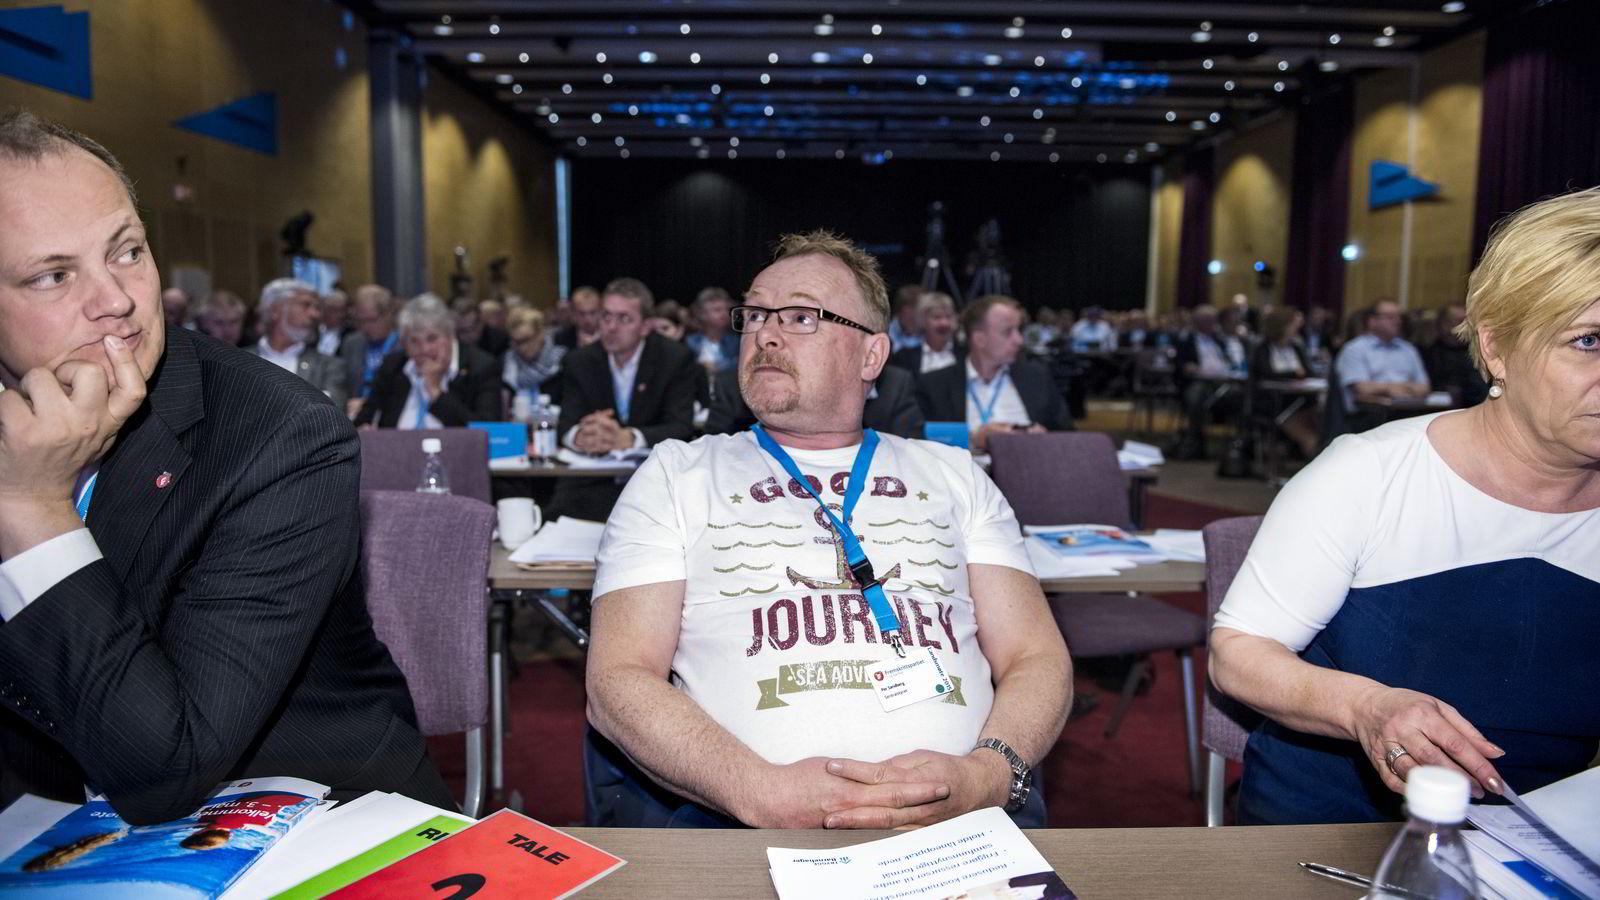 Frp-nestleder Per Sandberg hadde på seg denne t-skjorten under Frp-landsmøtet.